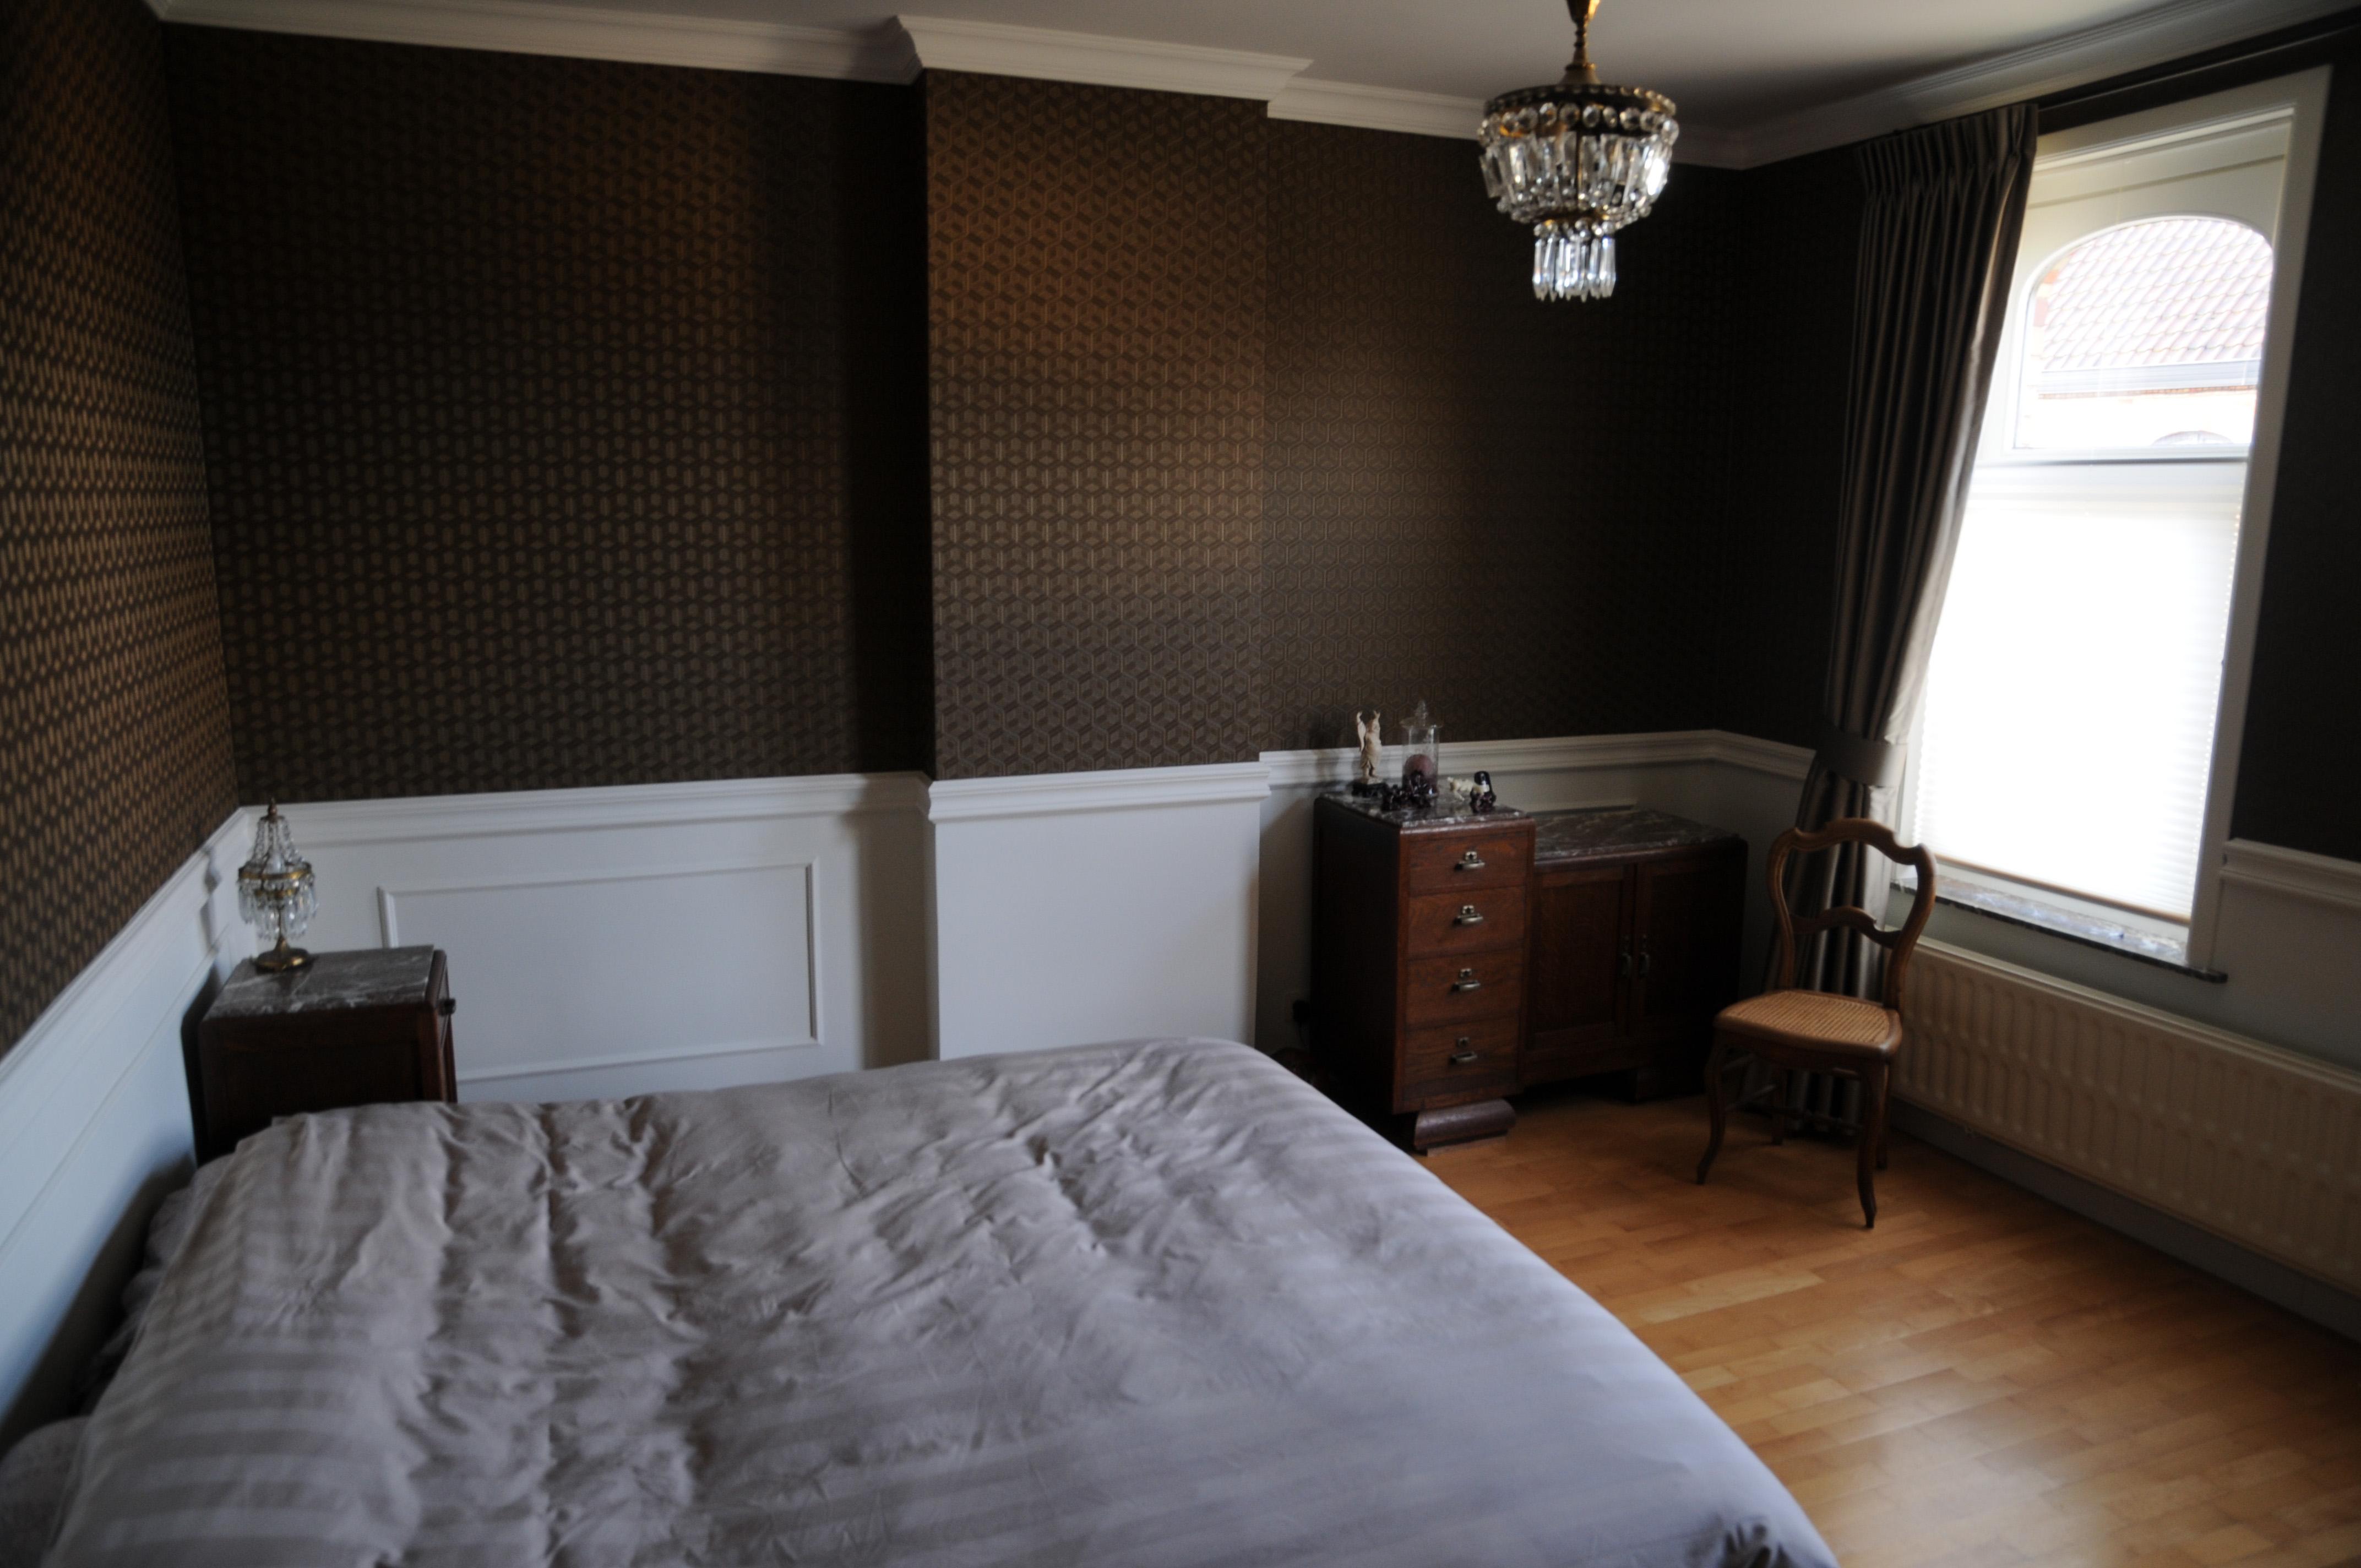 Decor design slaapkamer for Slaapkamer deco